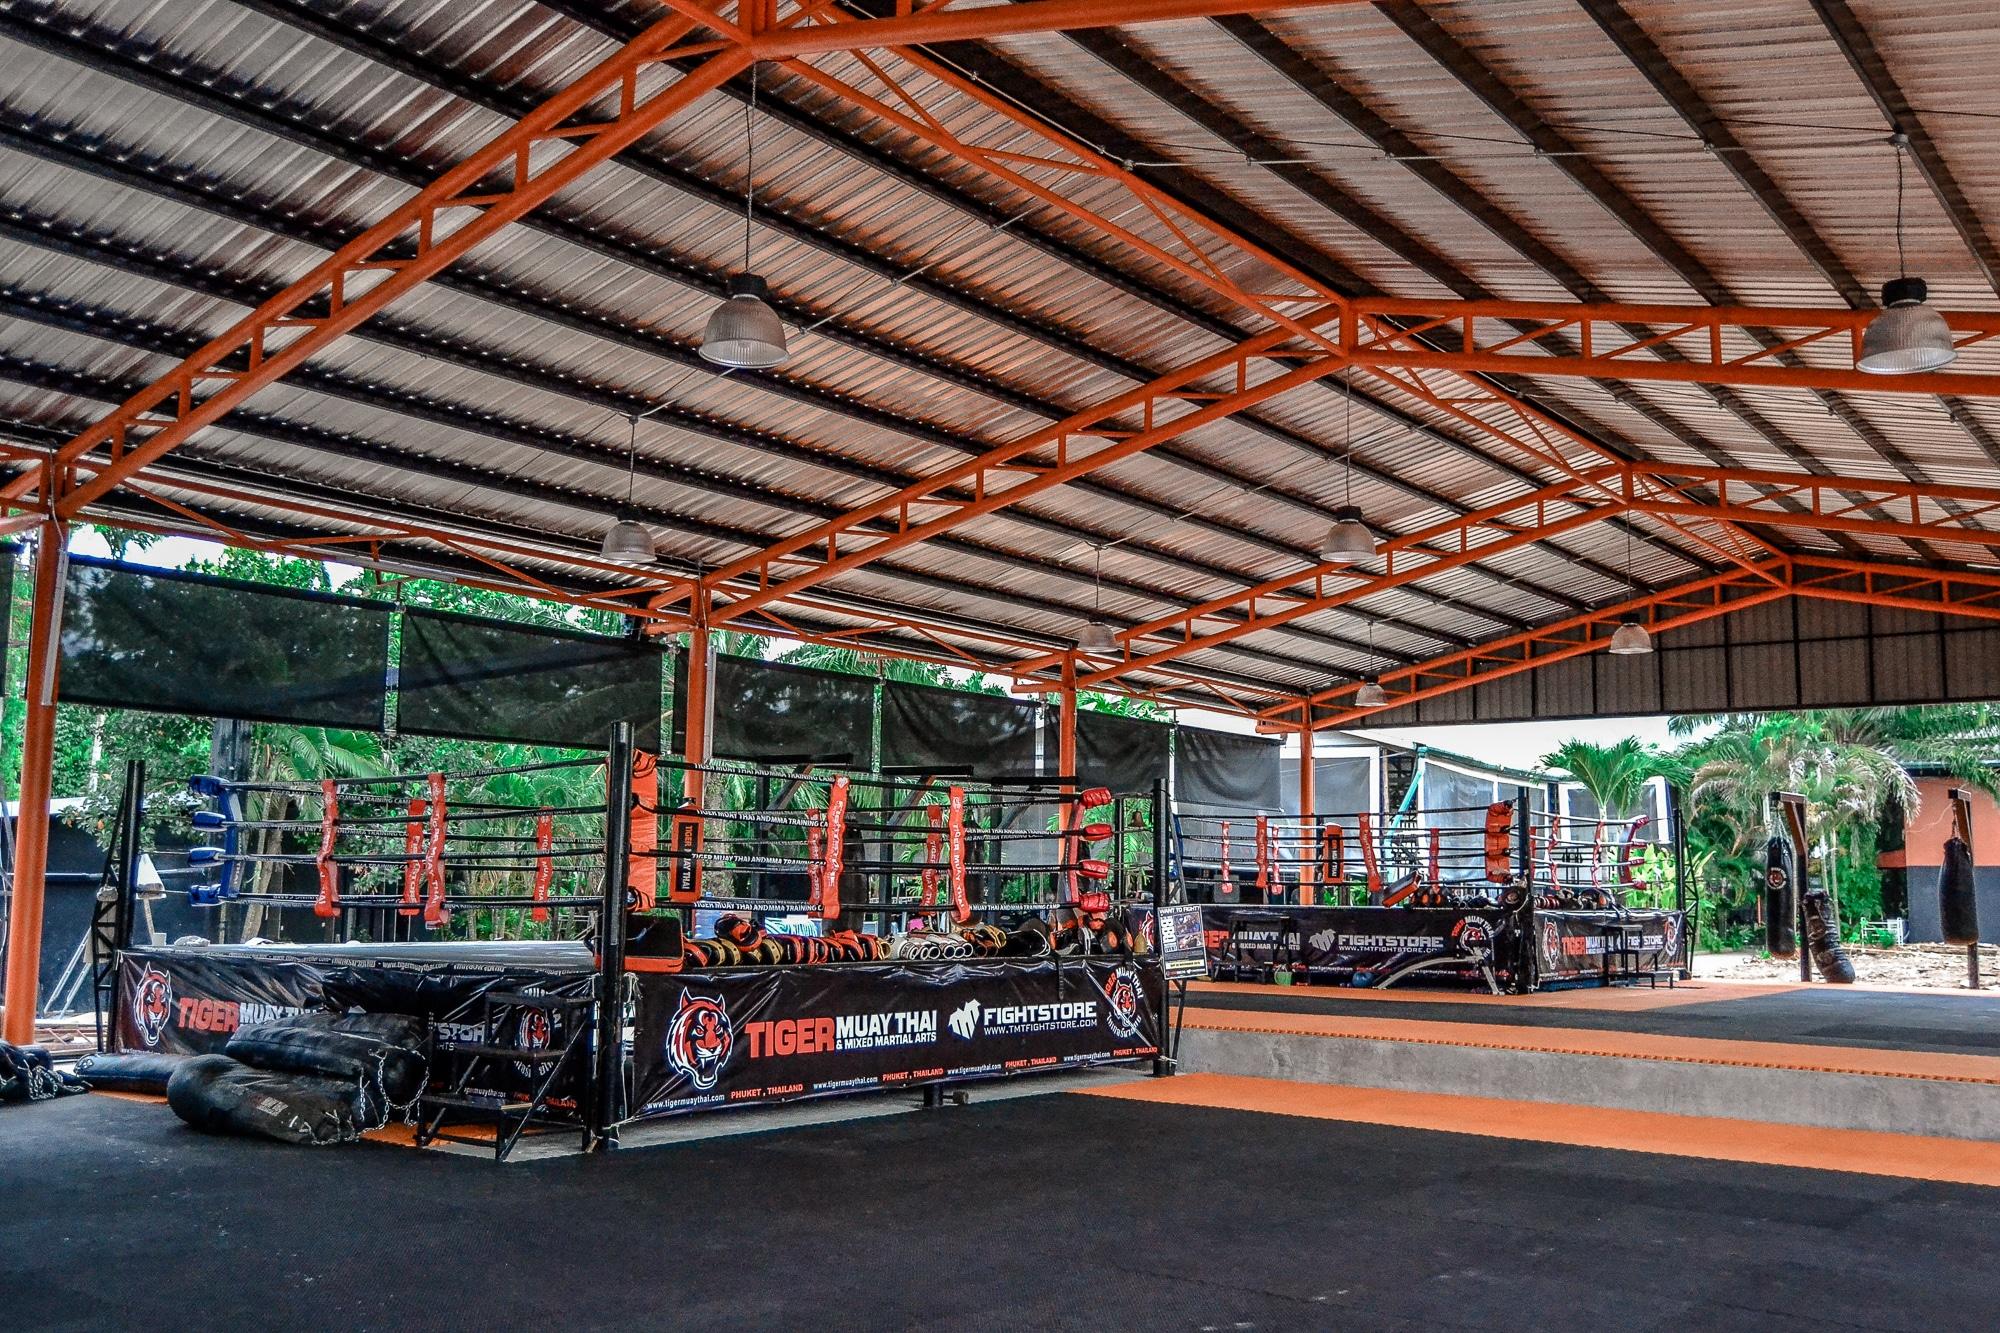 Mind vs. Body: Meine Woche im Tiger Muay Thai Camp